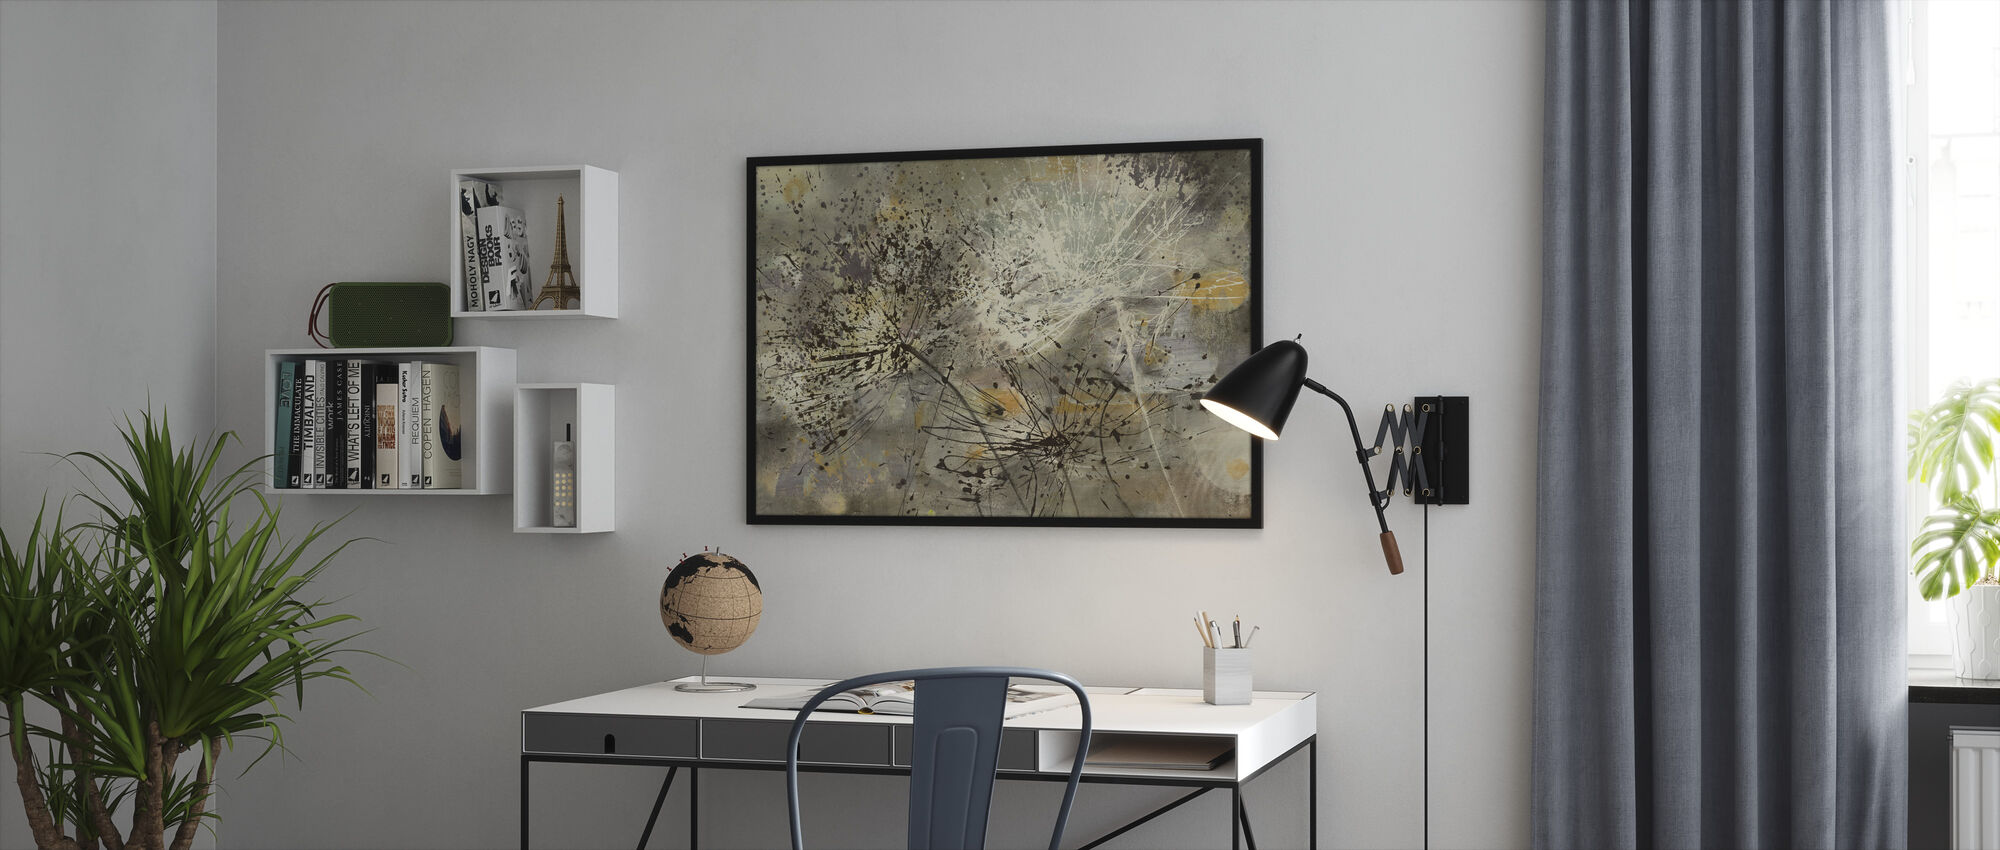 Sparklers 2 - Framed print - Office